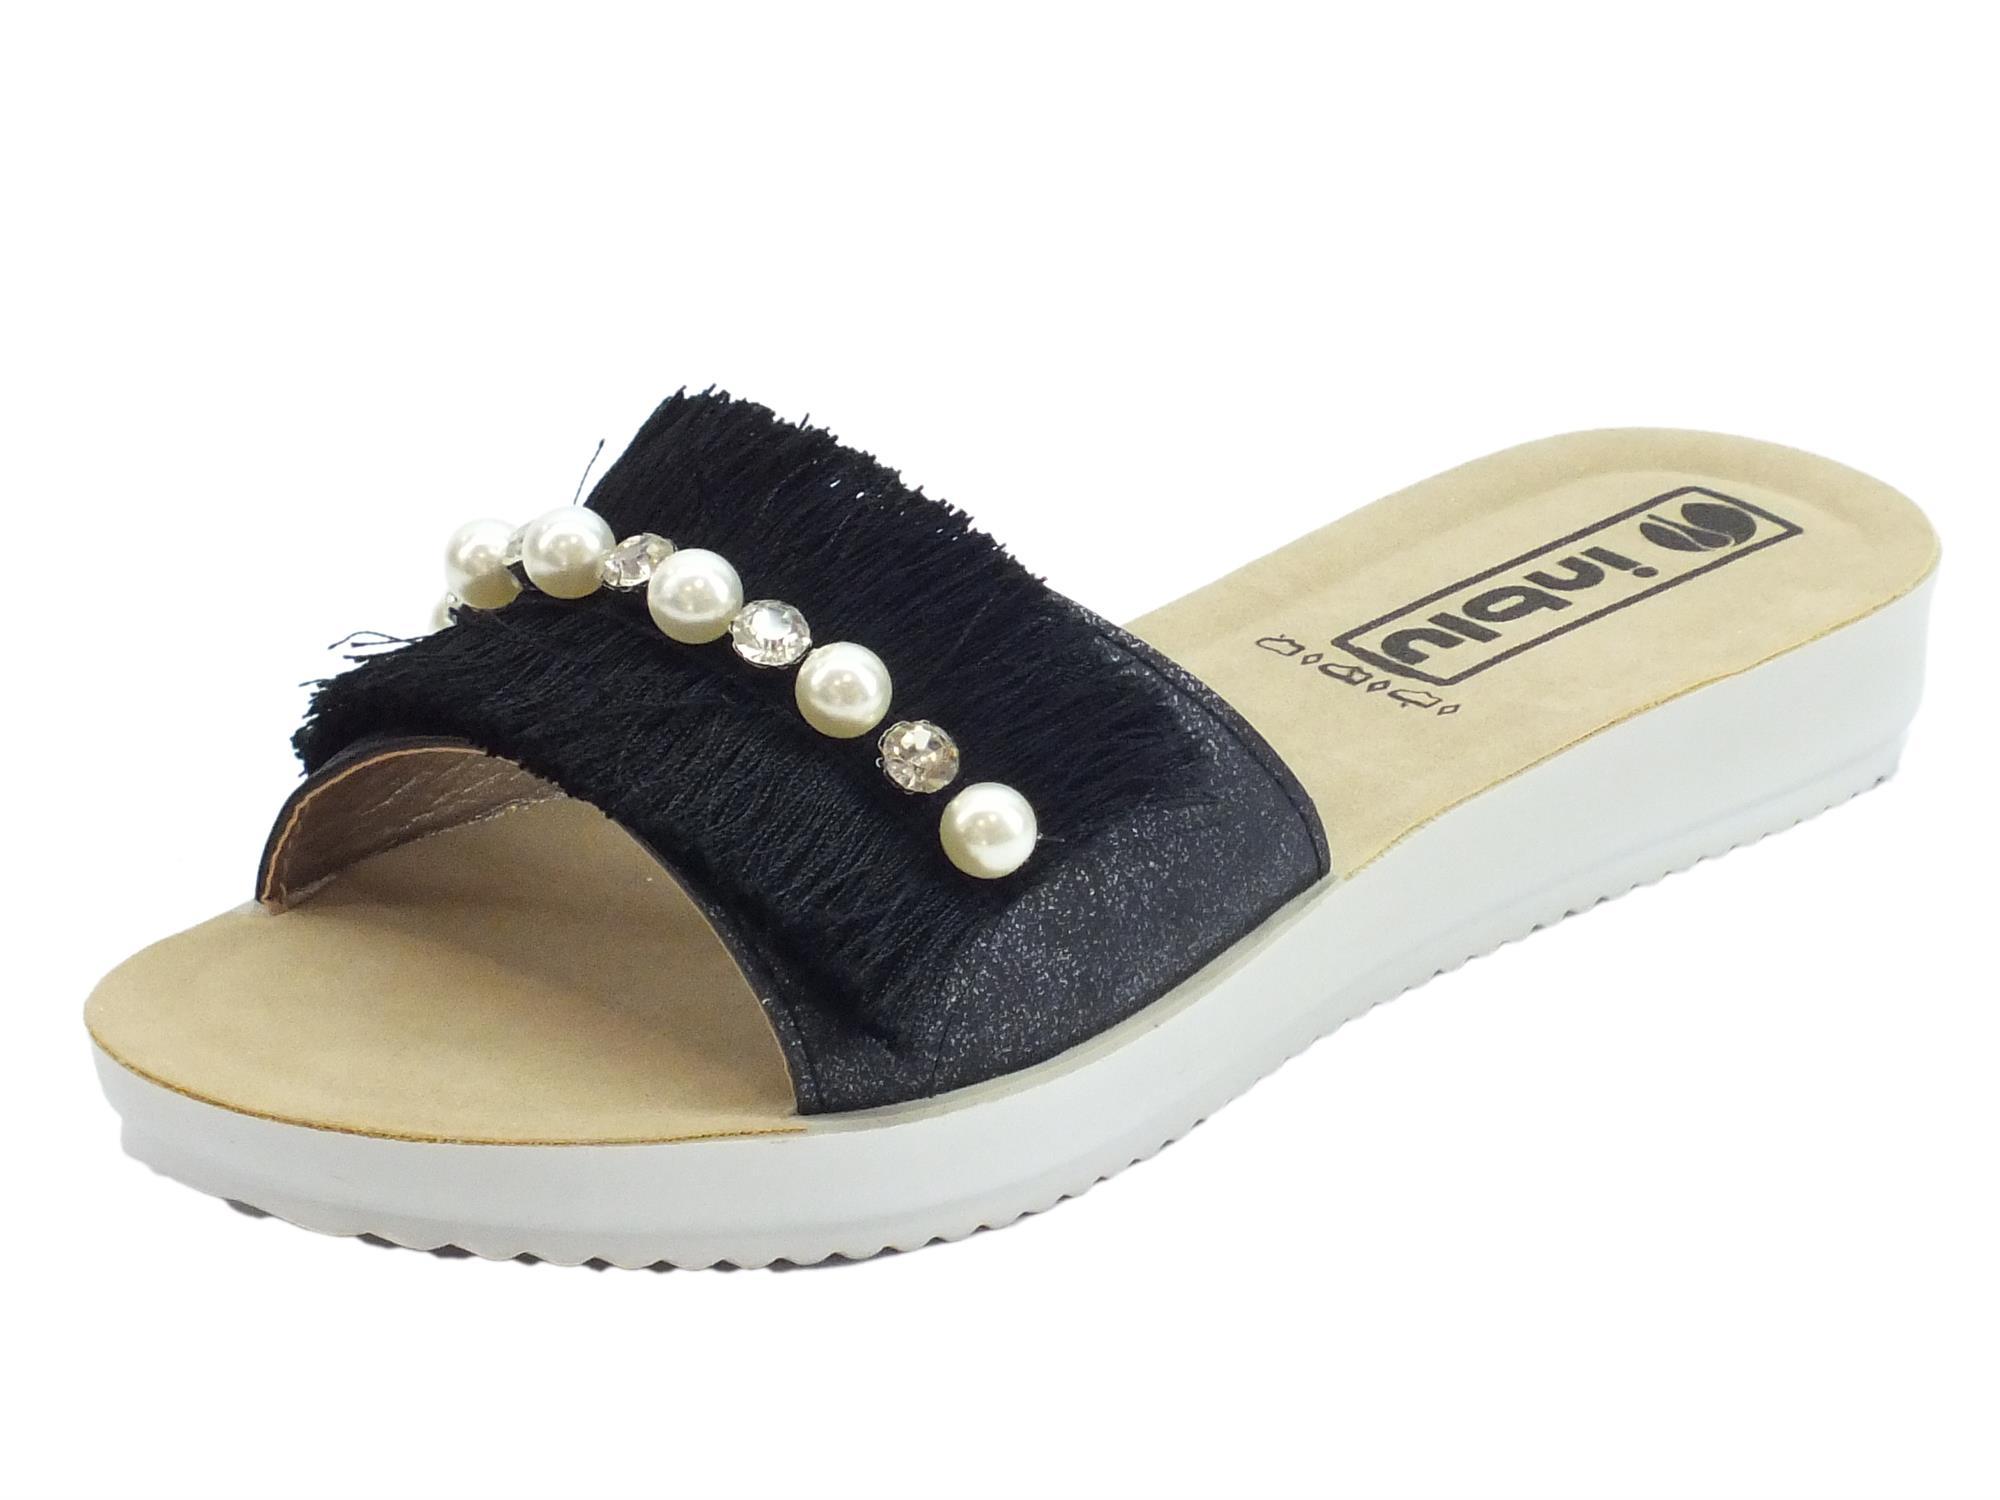 dafa9f1384 InBlu ciabatte per donna InBlu con frangie nere, perle e brillantini